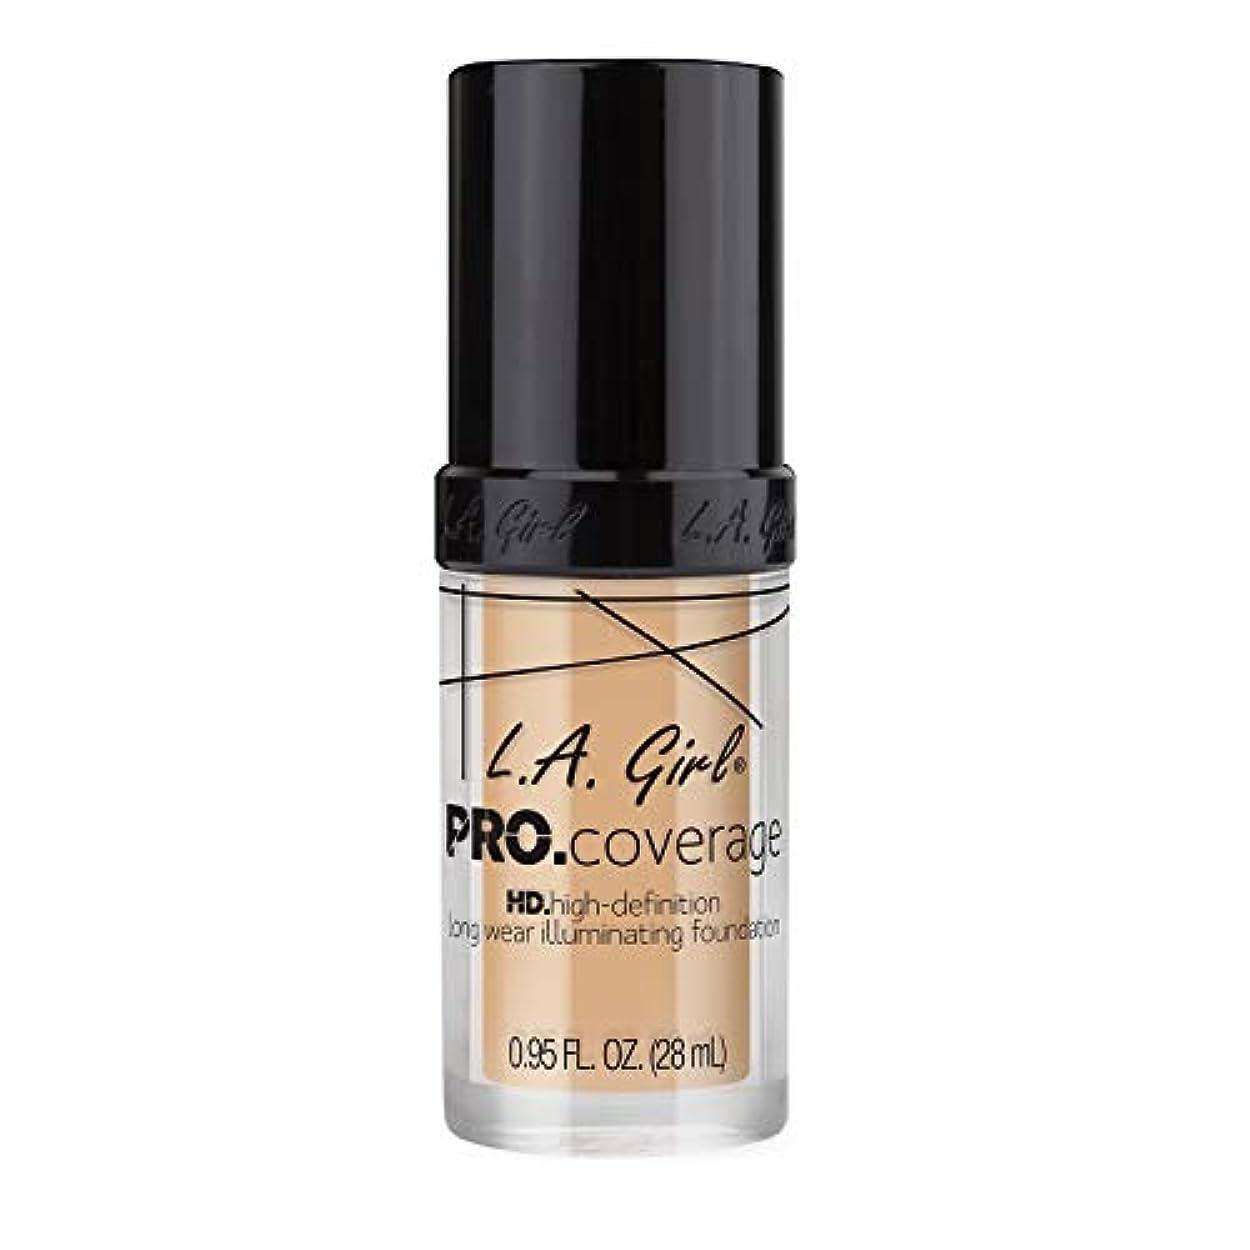 振り子便利貧しい海外直送品 L.A. Girl Pro Coverage Liquid Foundation 28ml, Fair